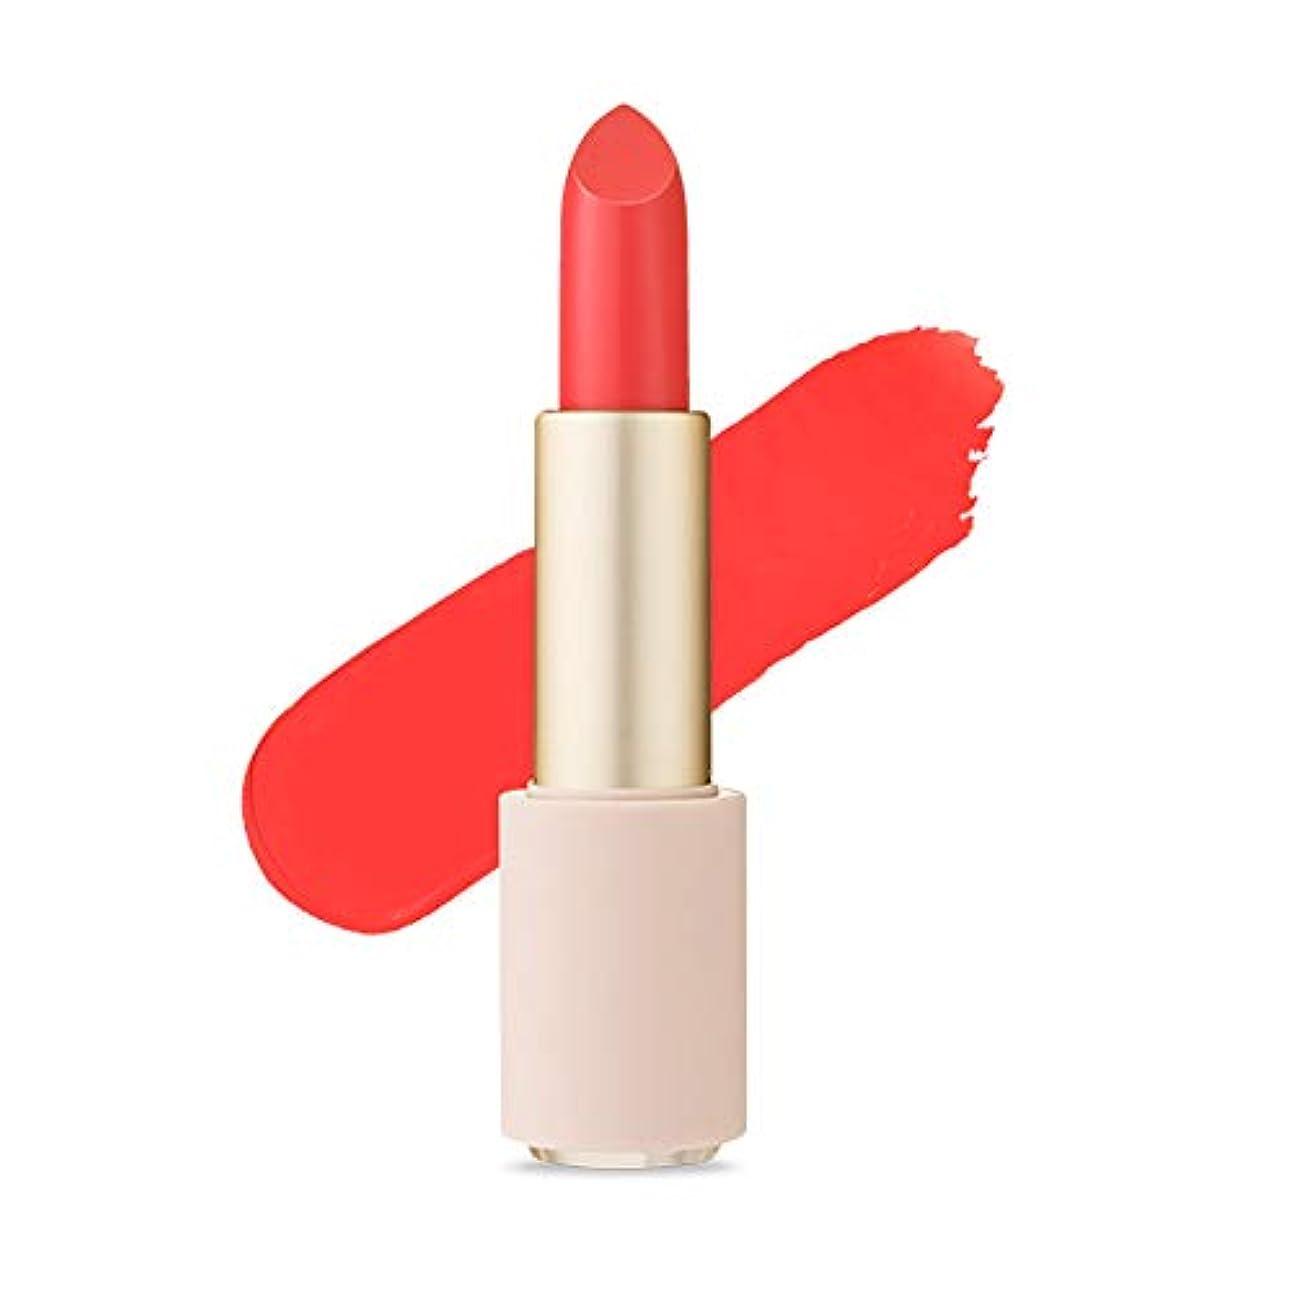 リーダーシップ高尚な歌詞Etude House Better Lips Talk Velvet エチュードハウス ベター リップス - トーク ベルベット (# OR205 Peach On Top) [並行輸入品]